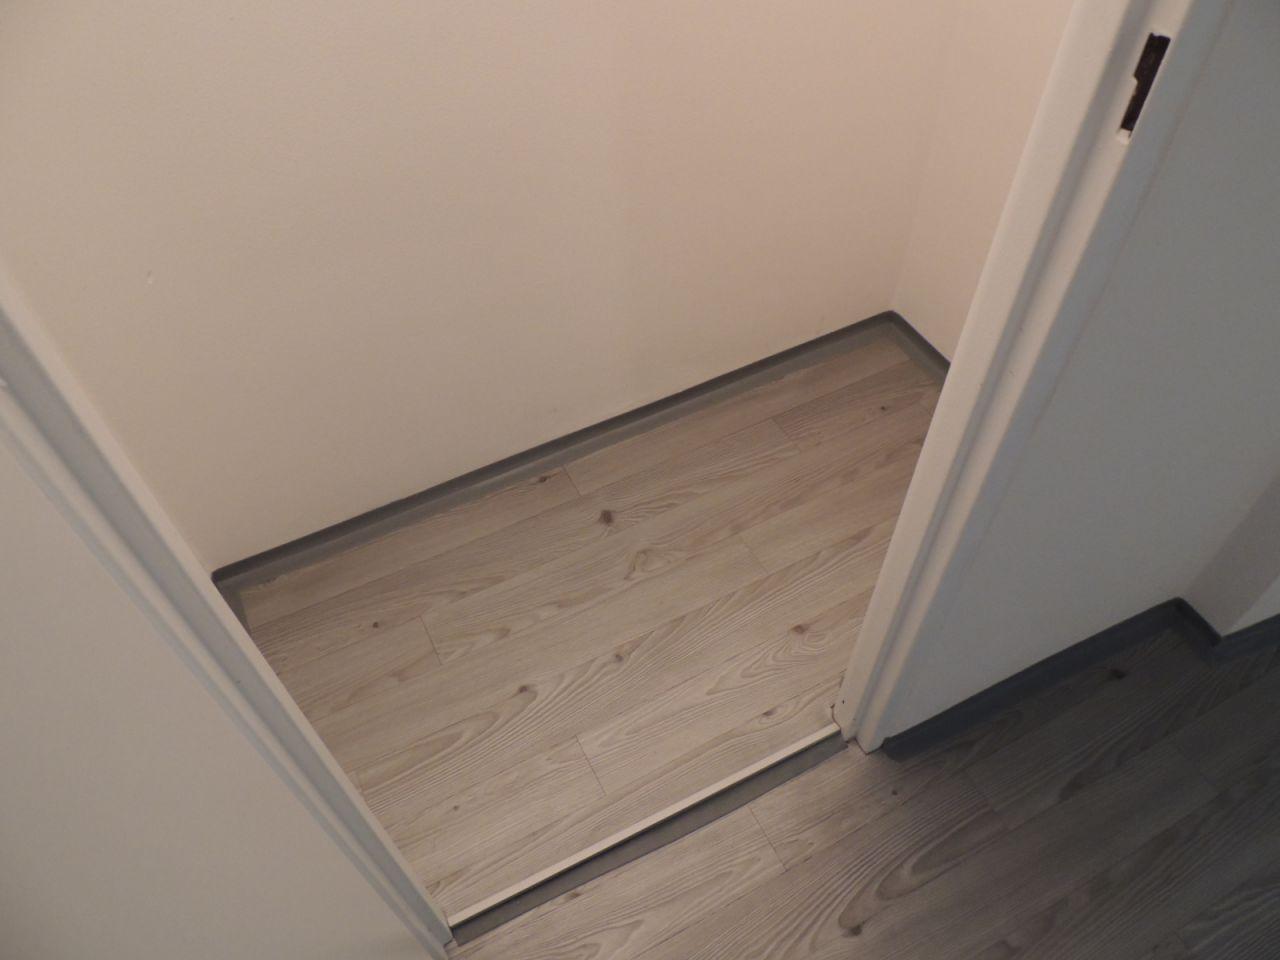 Pronájem bytu 2+kk 40 m2, ul. Pavlovova 2629/25, Ostrava - Zábřeh